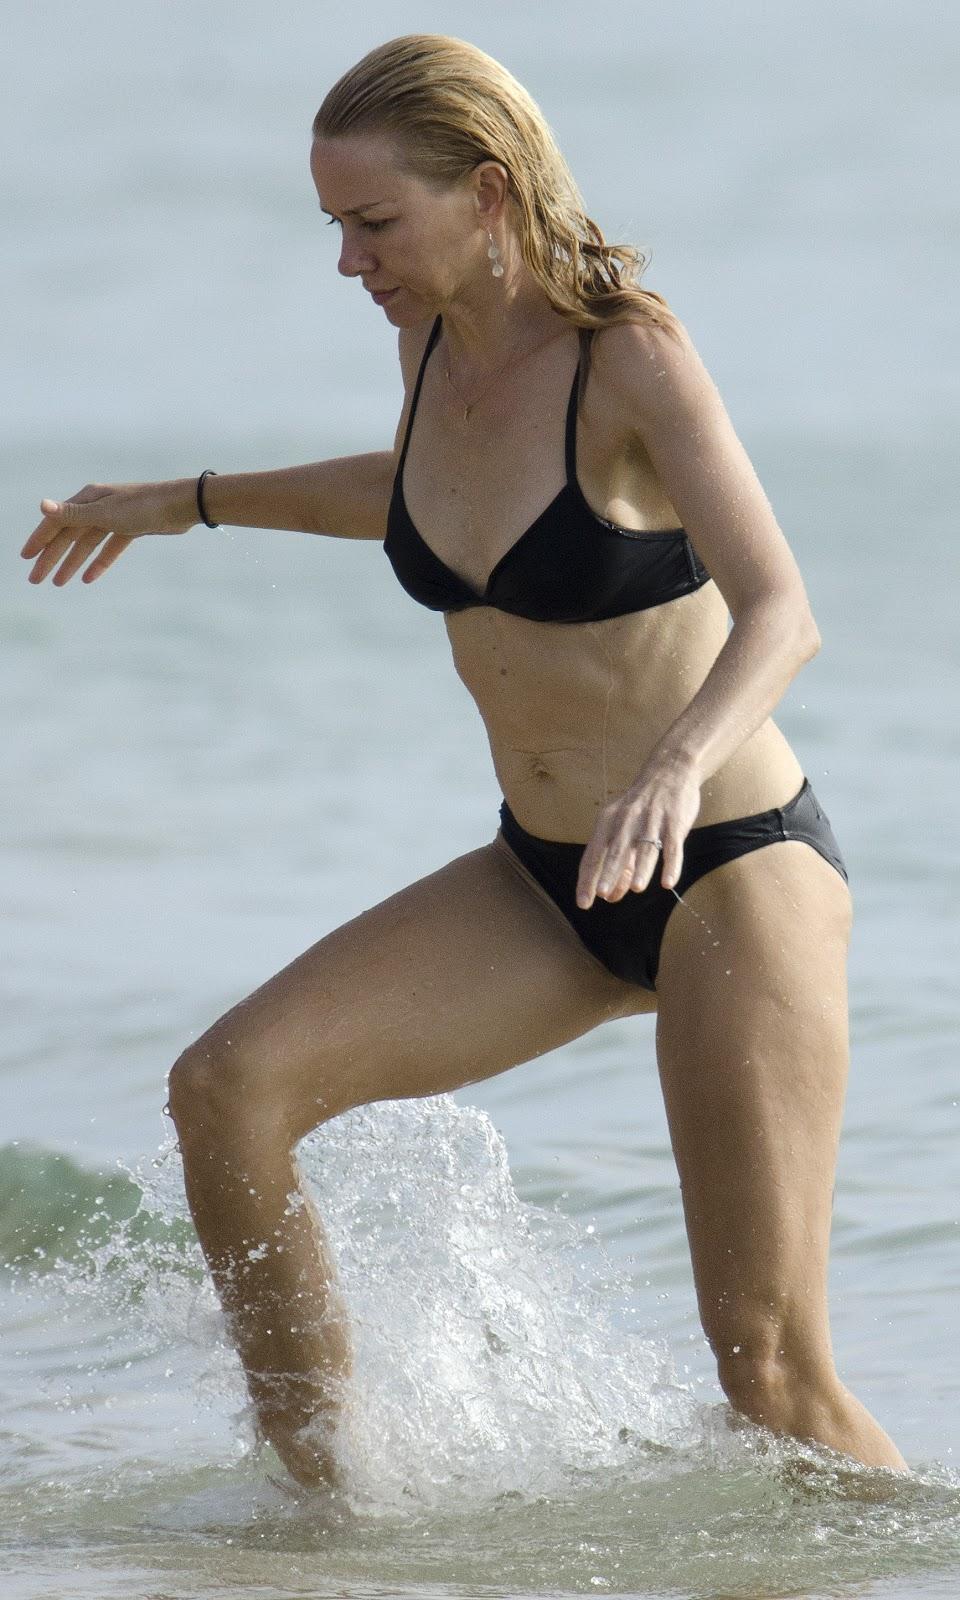 HD Wallpapers: Naomi Watts Bikini